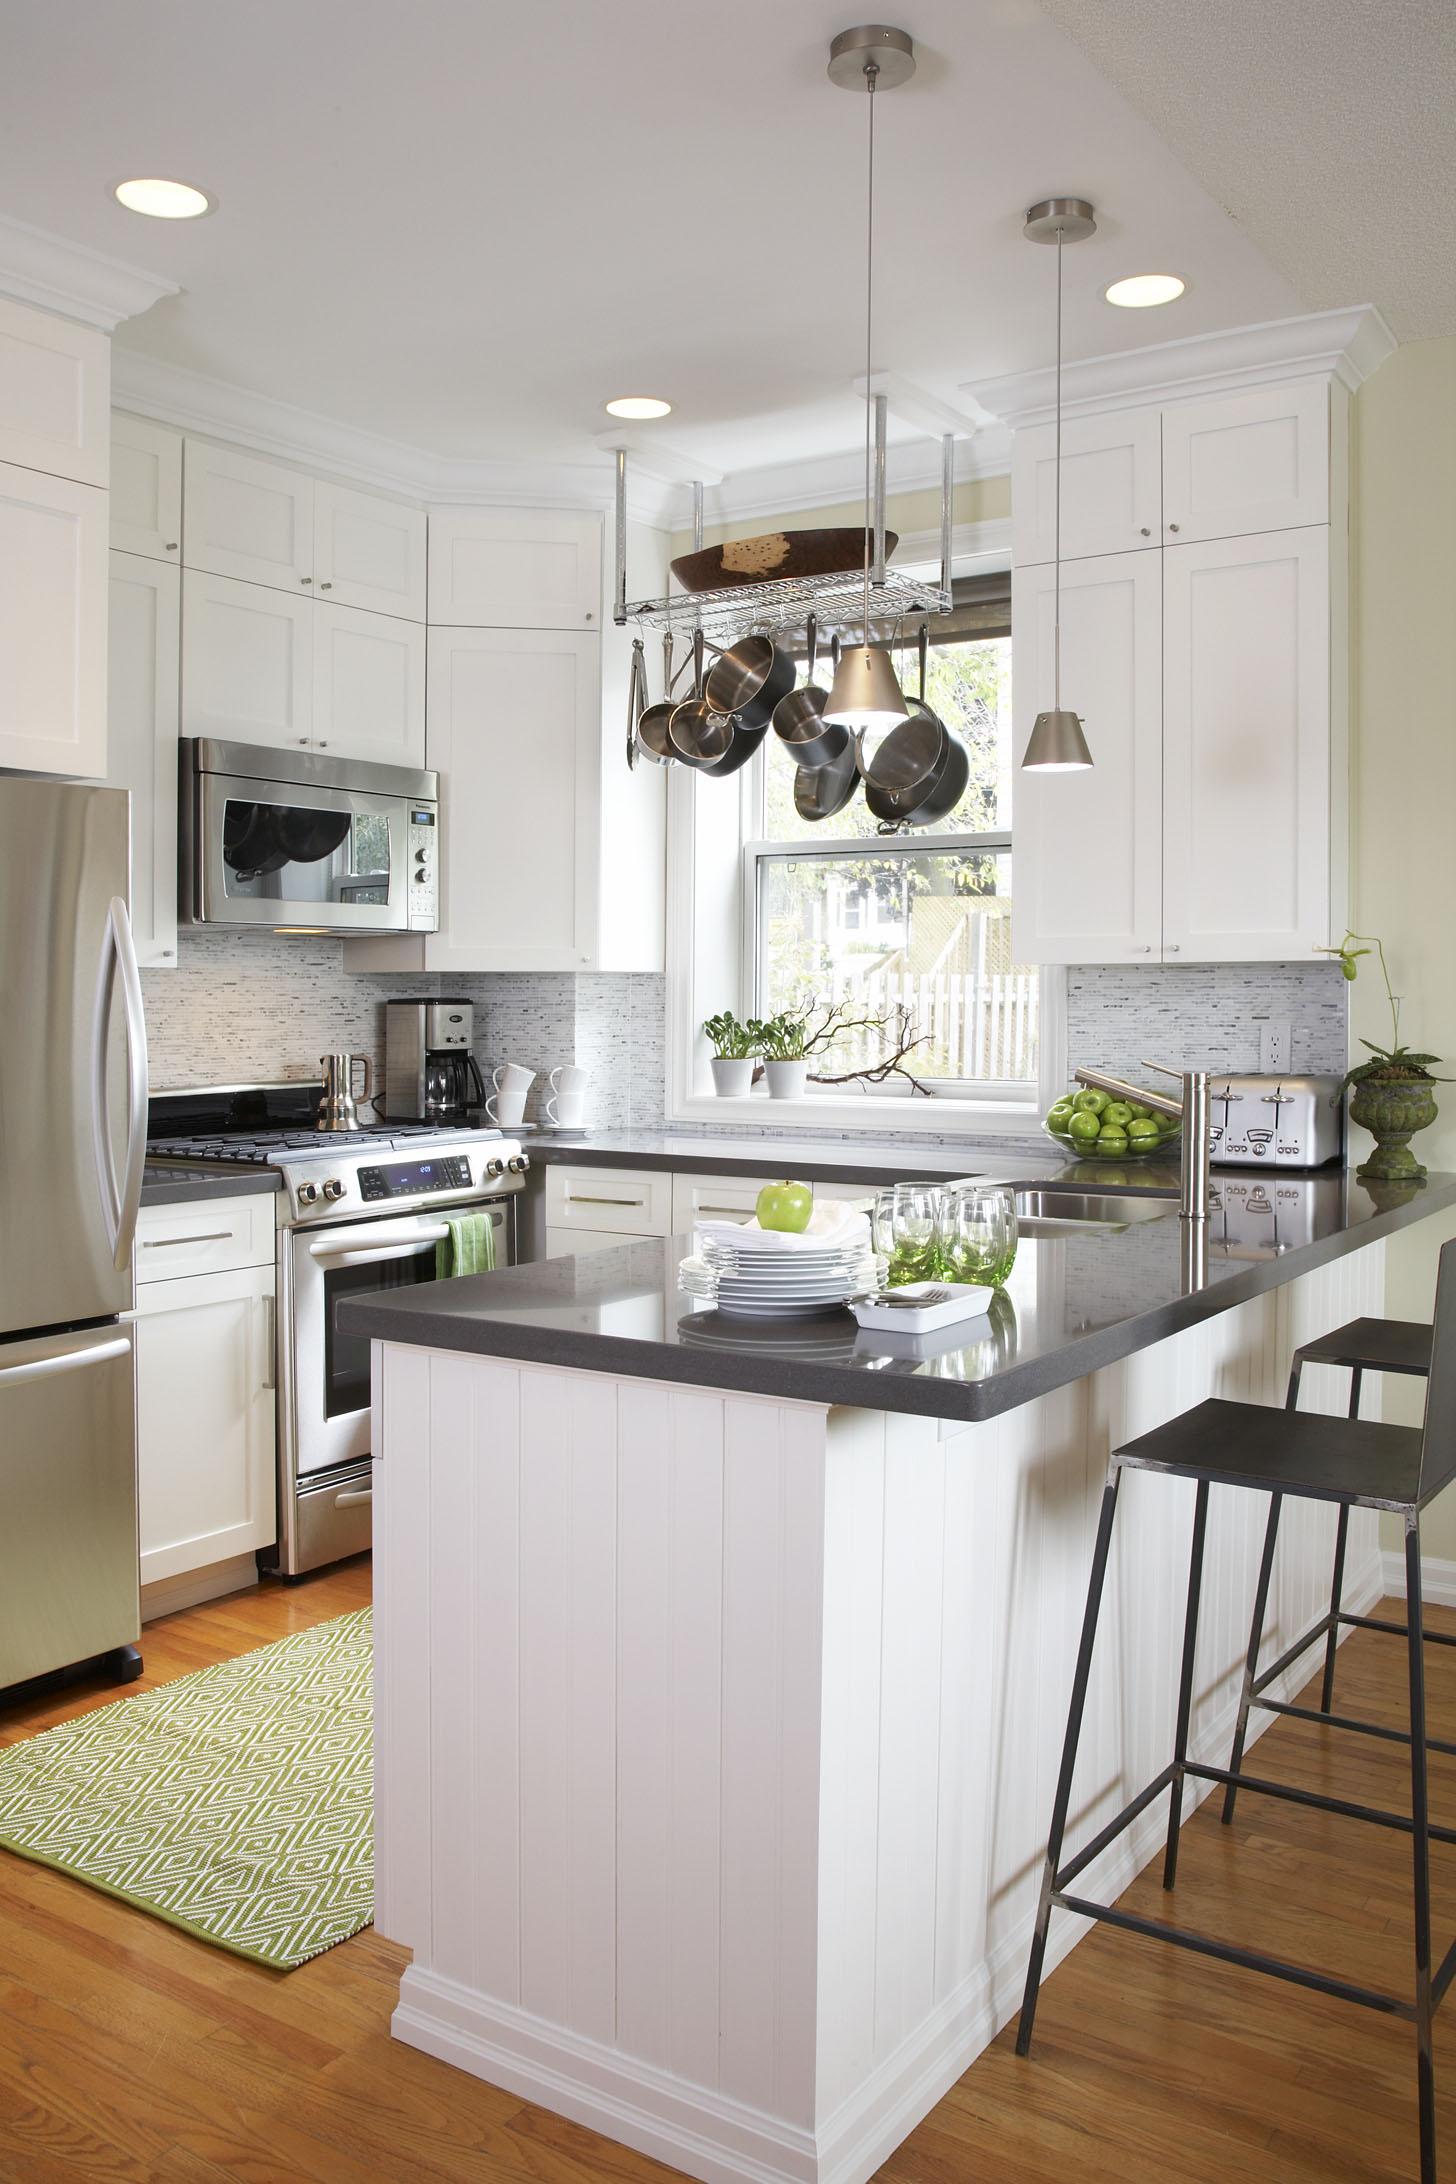 10 Modern Kitchen Design Ideas | Designer Kitchens on Modern Kitchen Remodel  id=99556